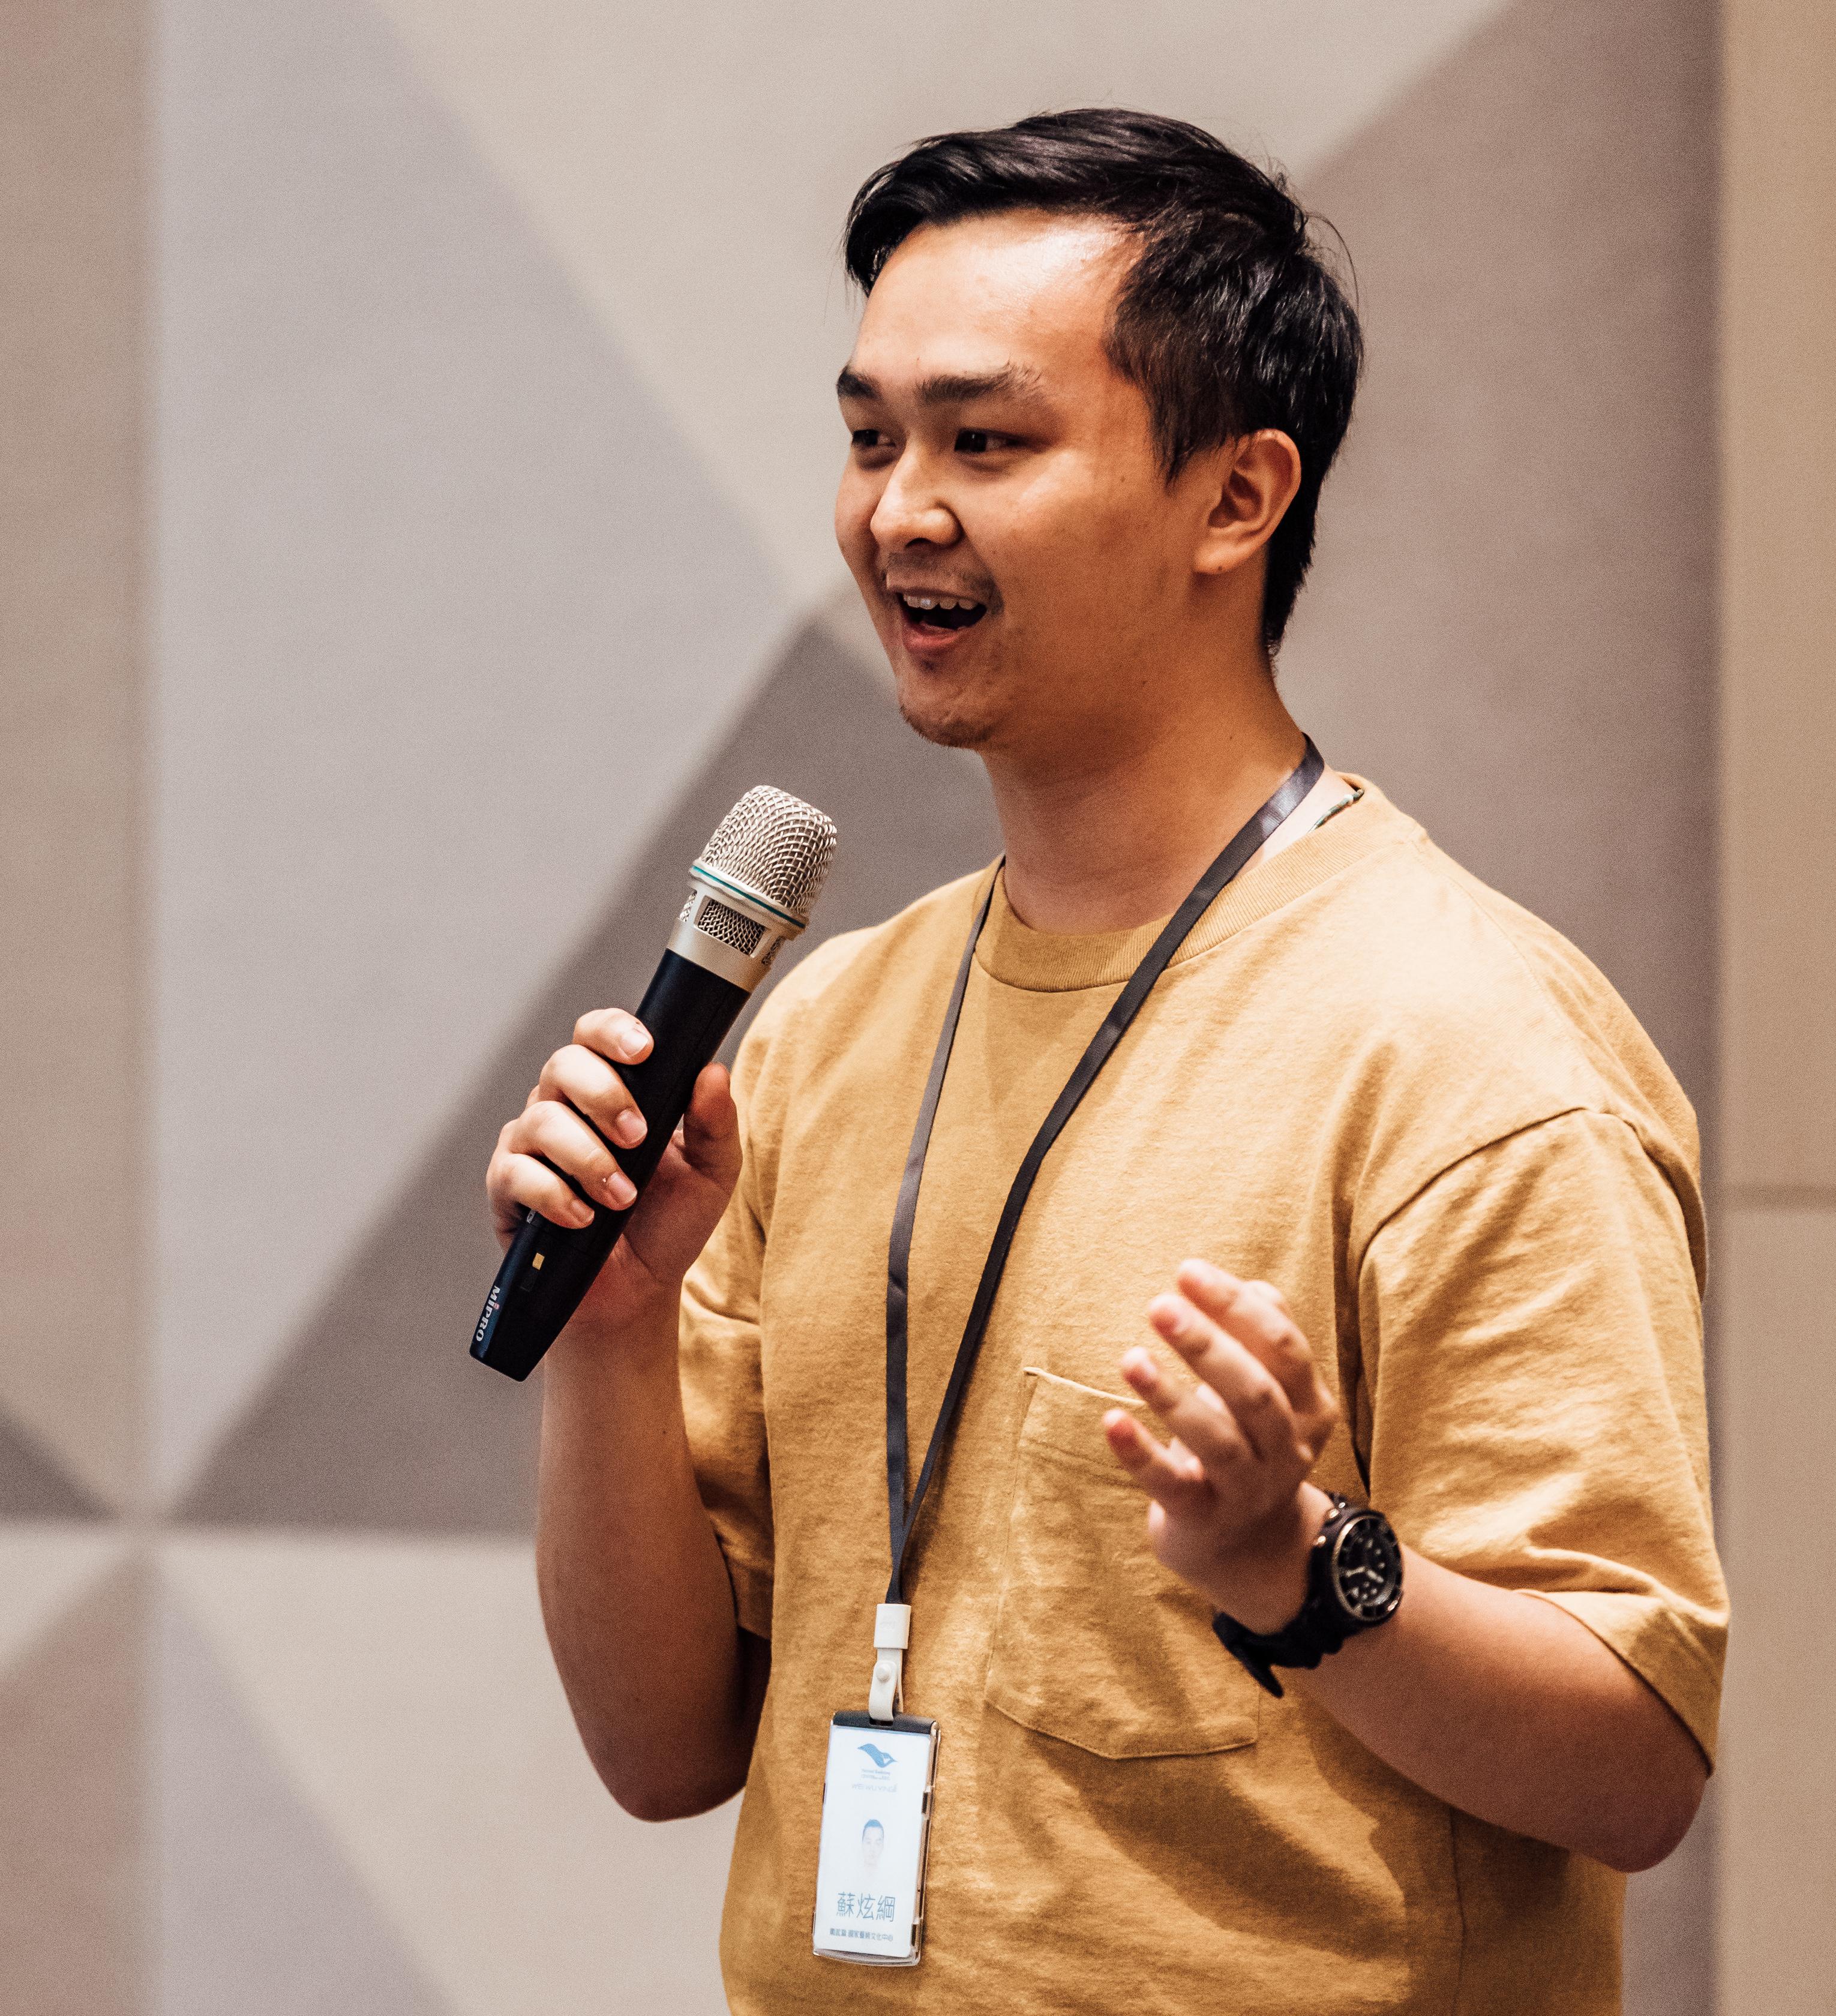 蘇炫綱|衛武營國家藝術文化中心行銷部學習推廣專員